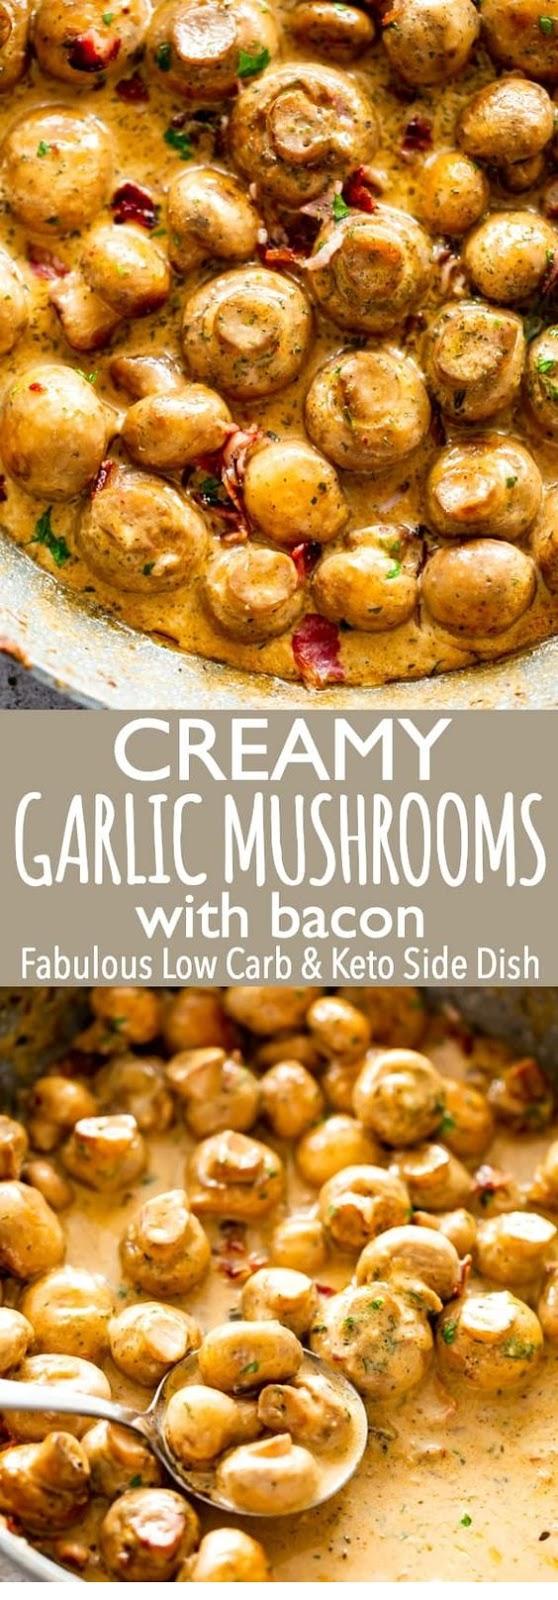 Creamy Garlic Mushrooms with Bacon